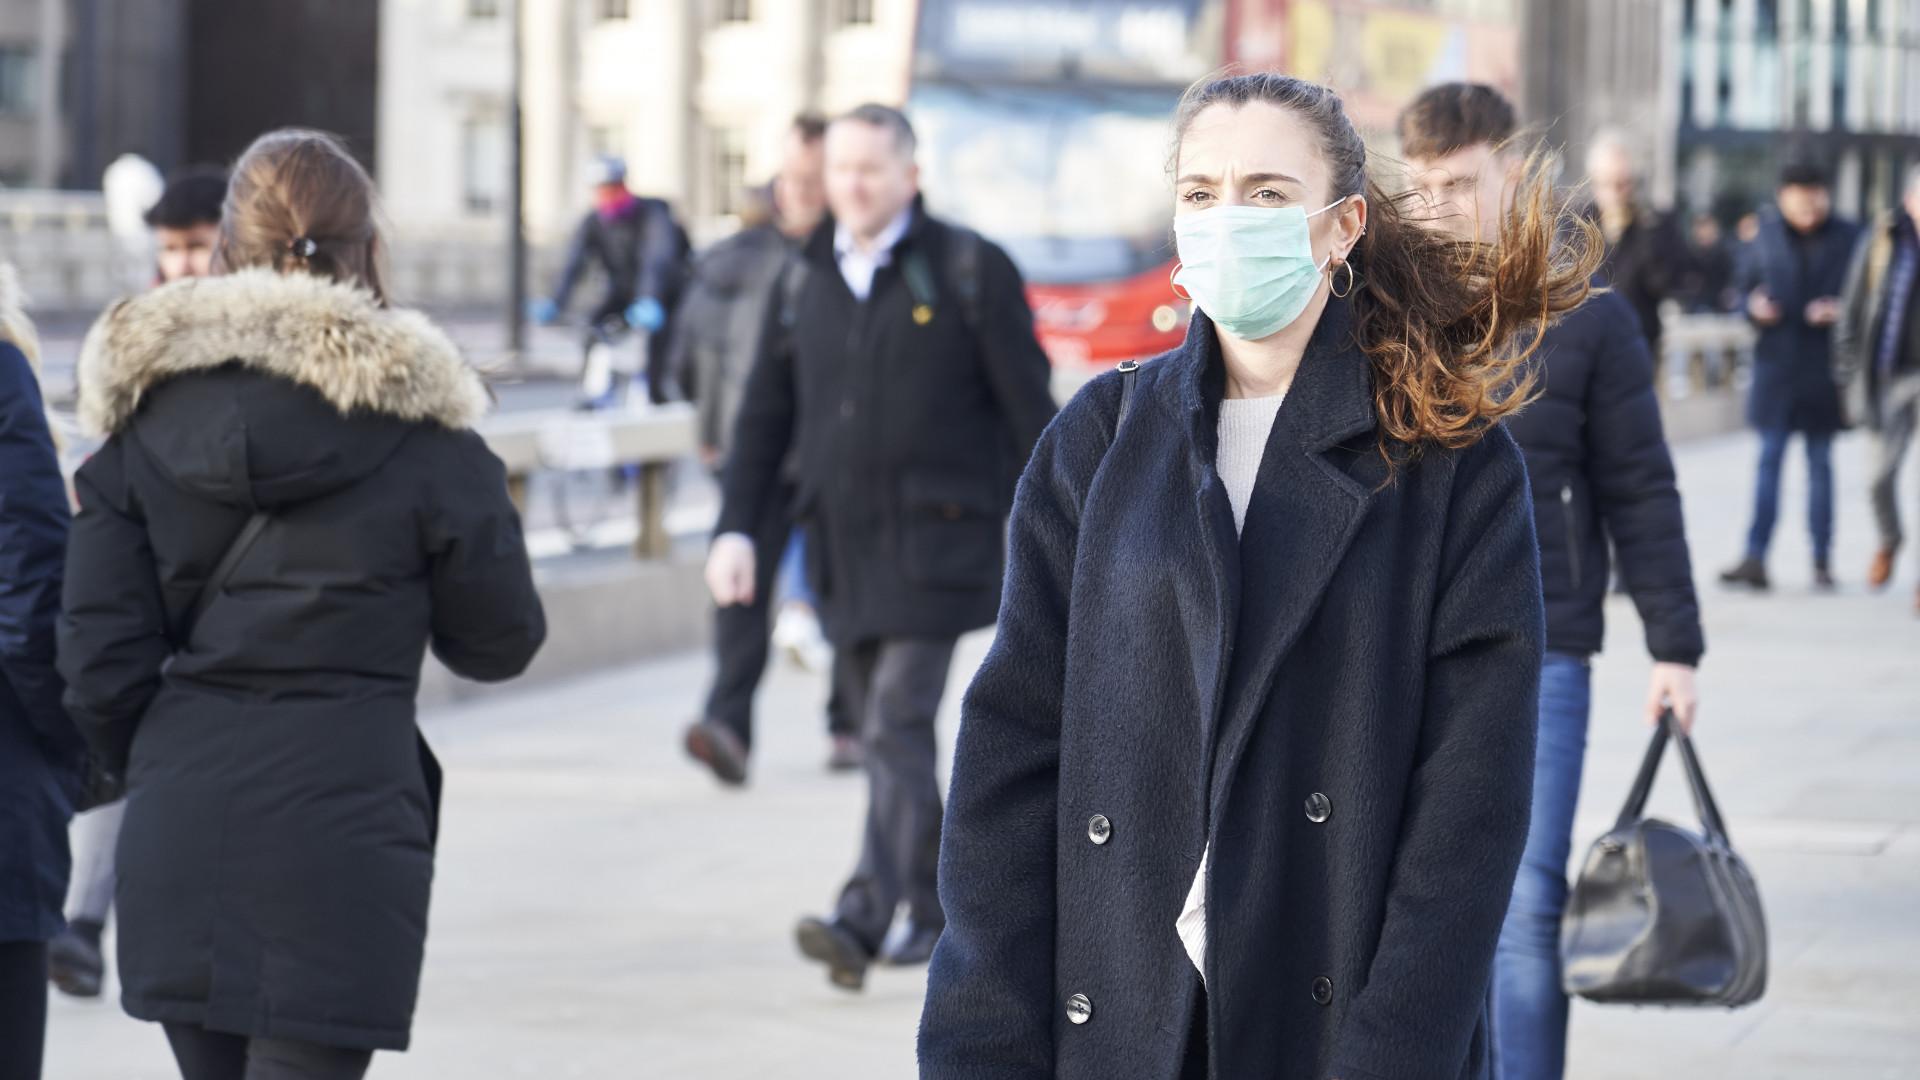 Koronavírus: a világ népességének 3 százaléka fertőződött meg hivatalosan eddig thumbnail